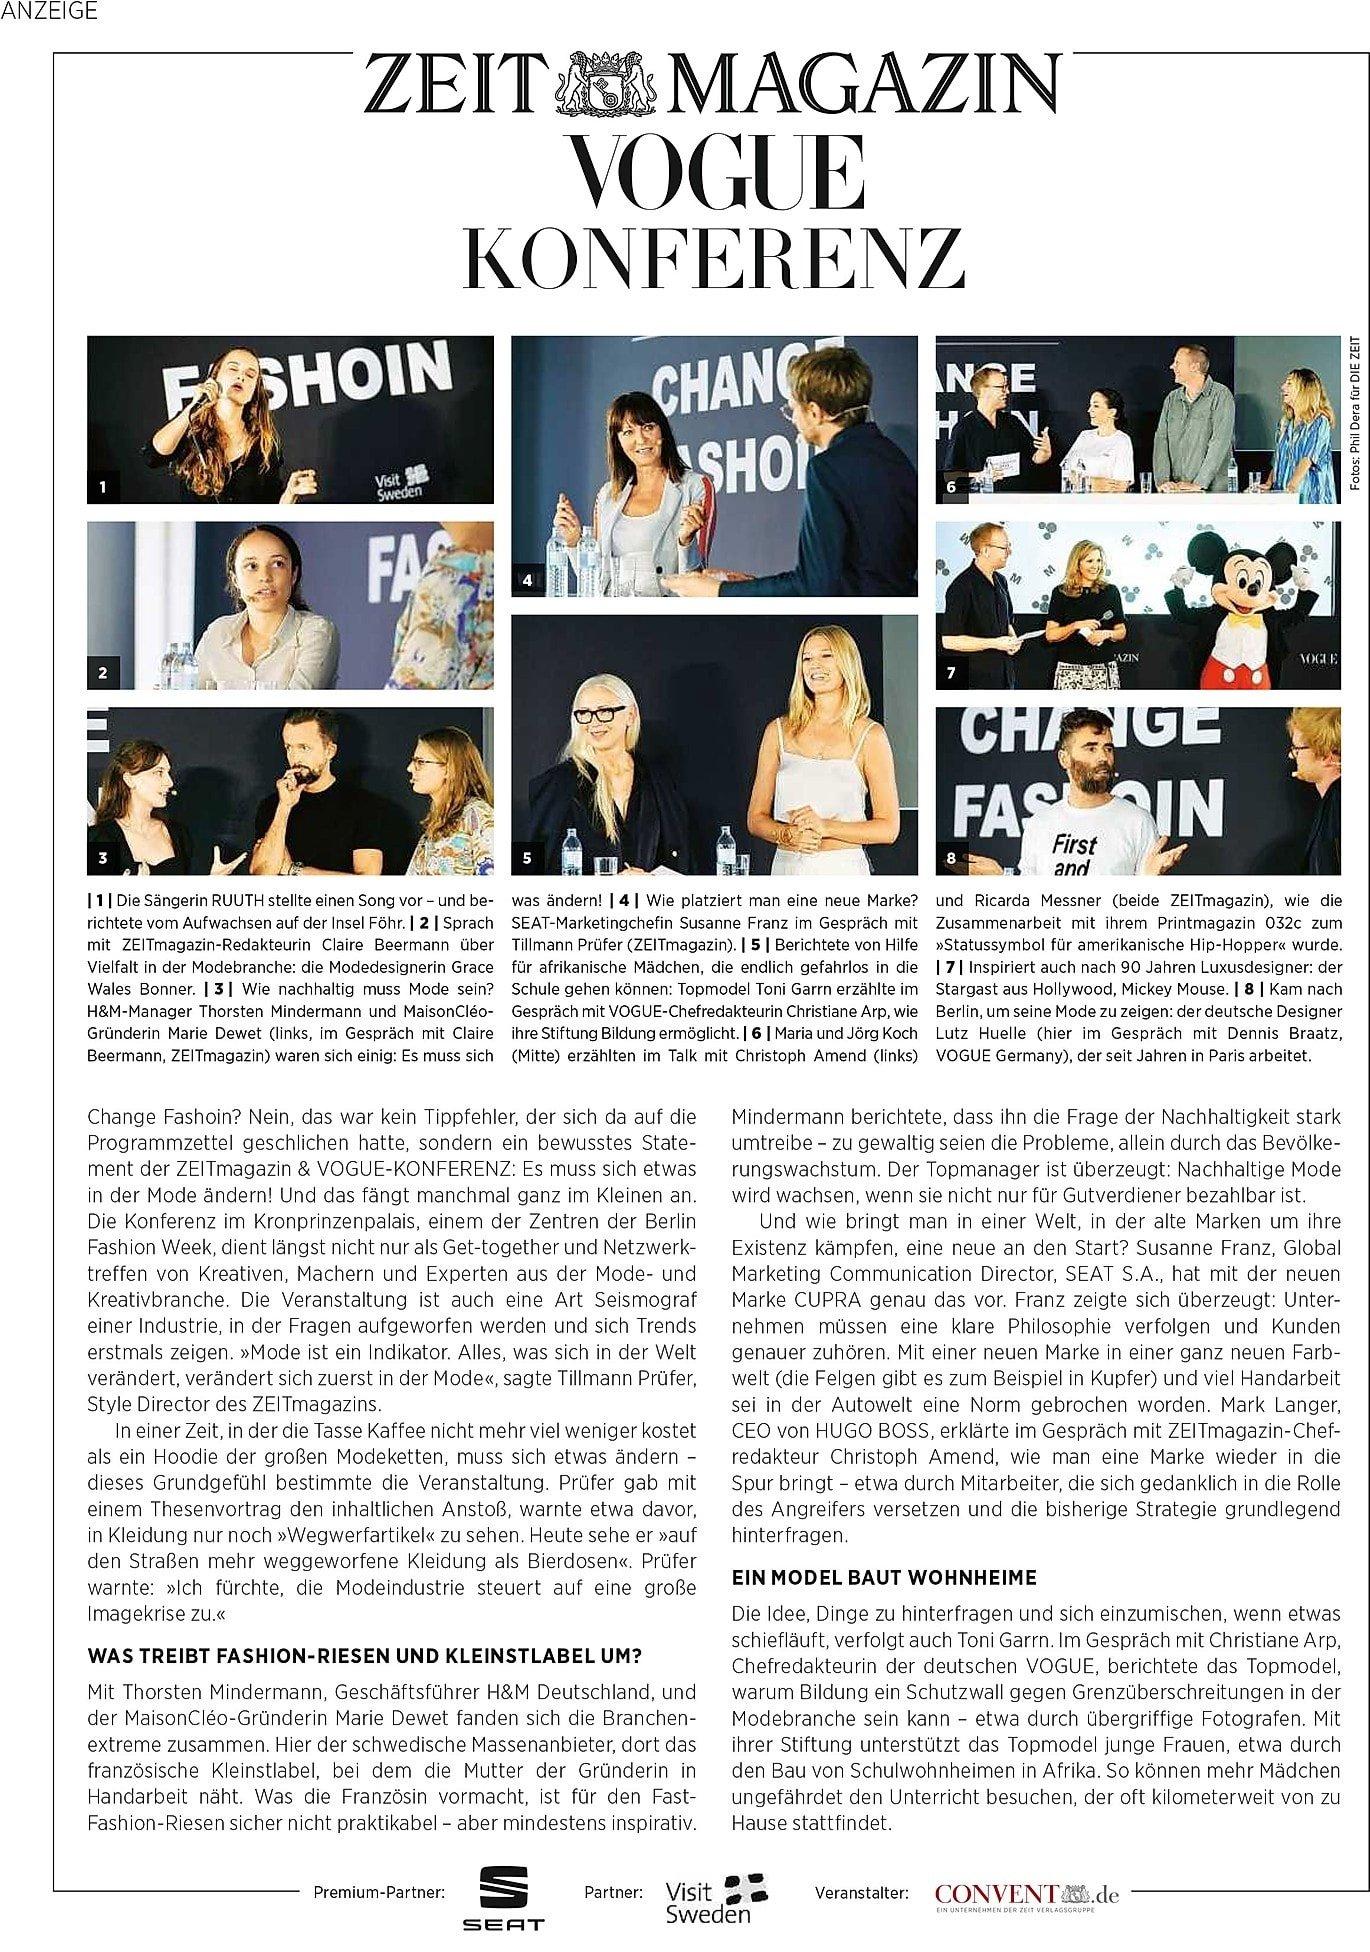 Zeitmagazine / MaisonCléo